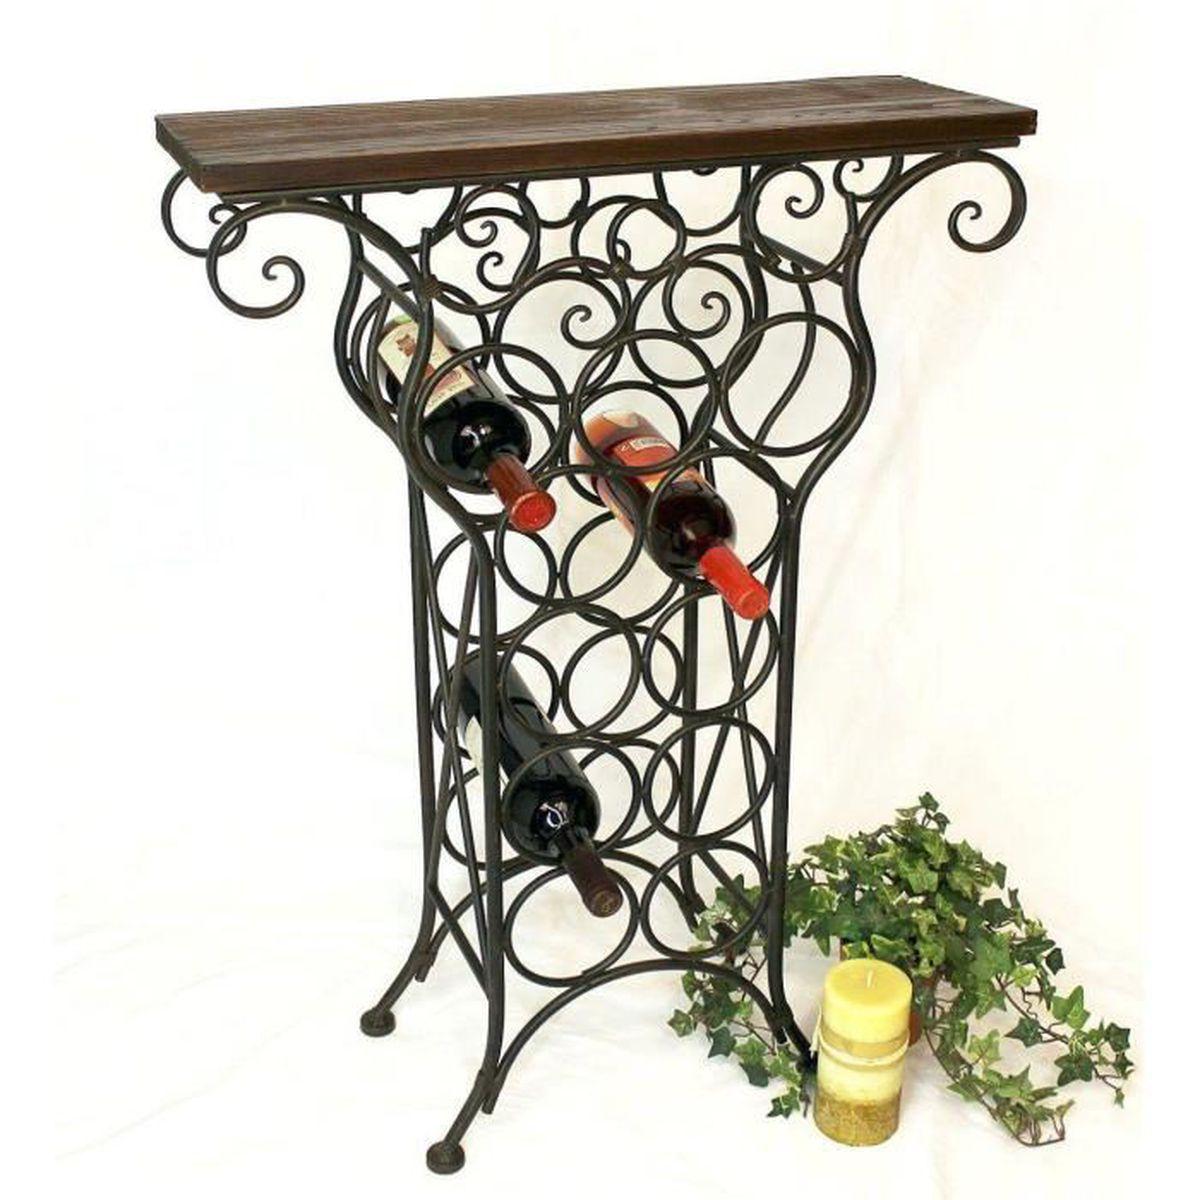 dandibo casier vin 87cm hx12586 porte bouteilles m tal porte bouteilles etag re achat. Black Bedroom Furniture Sets. Home Design Ideas